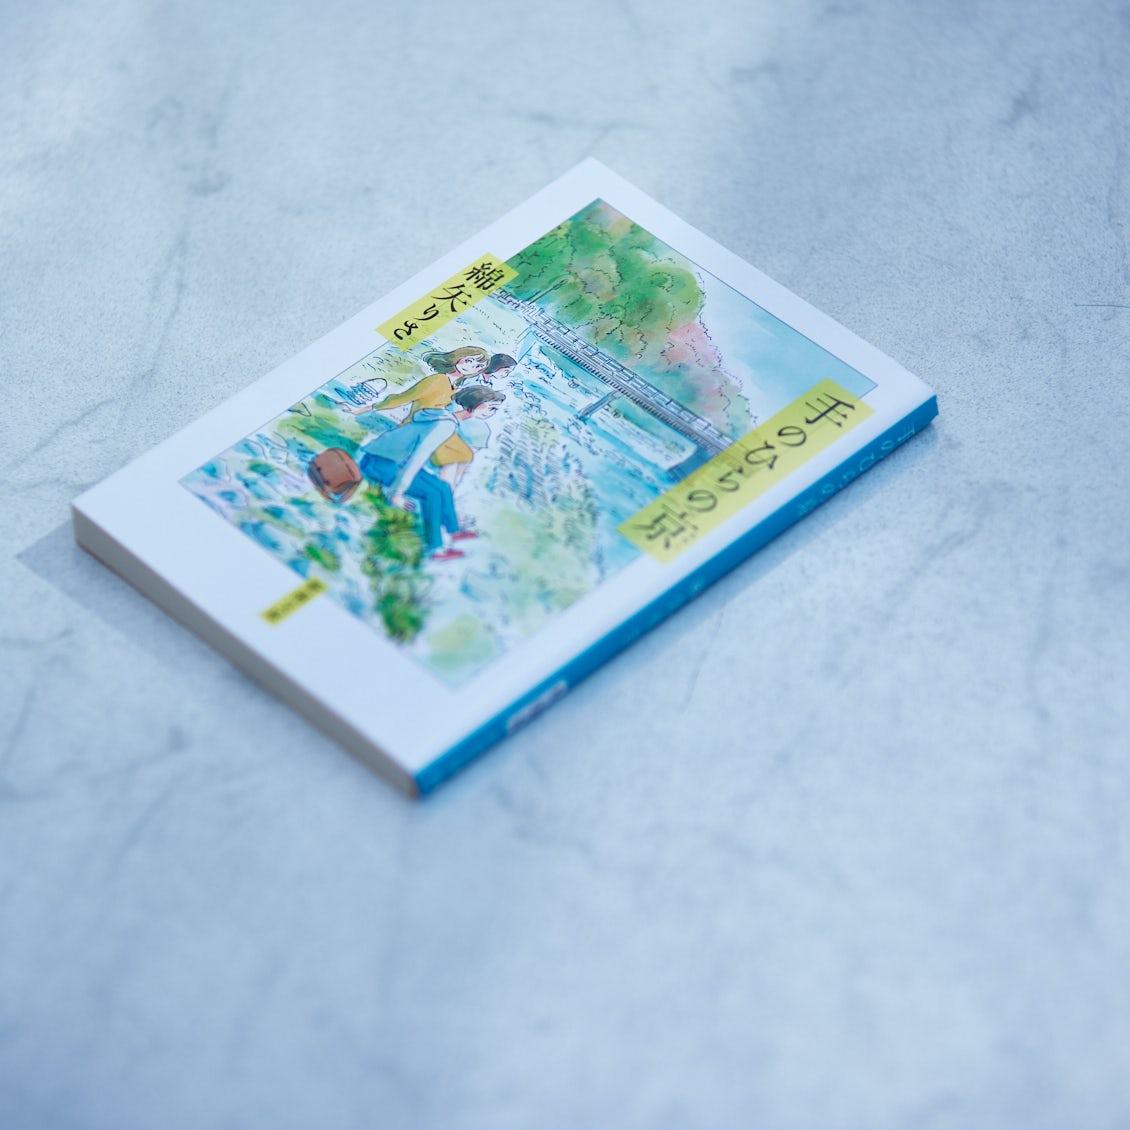 【久しぶりの読書】第3話:スキマ時間で、本の世界に浸りたい。現実逃避ができるおすすめ本